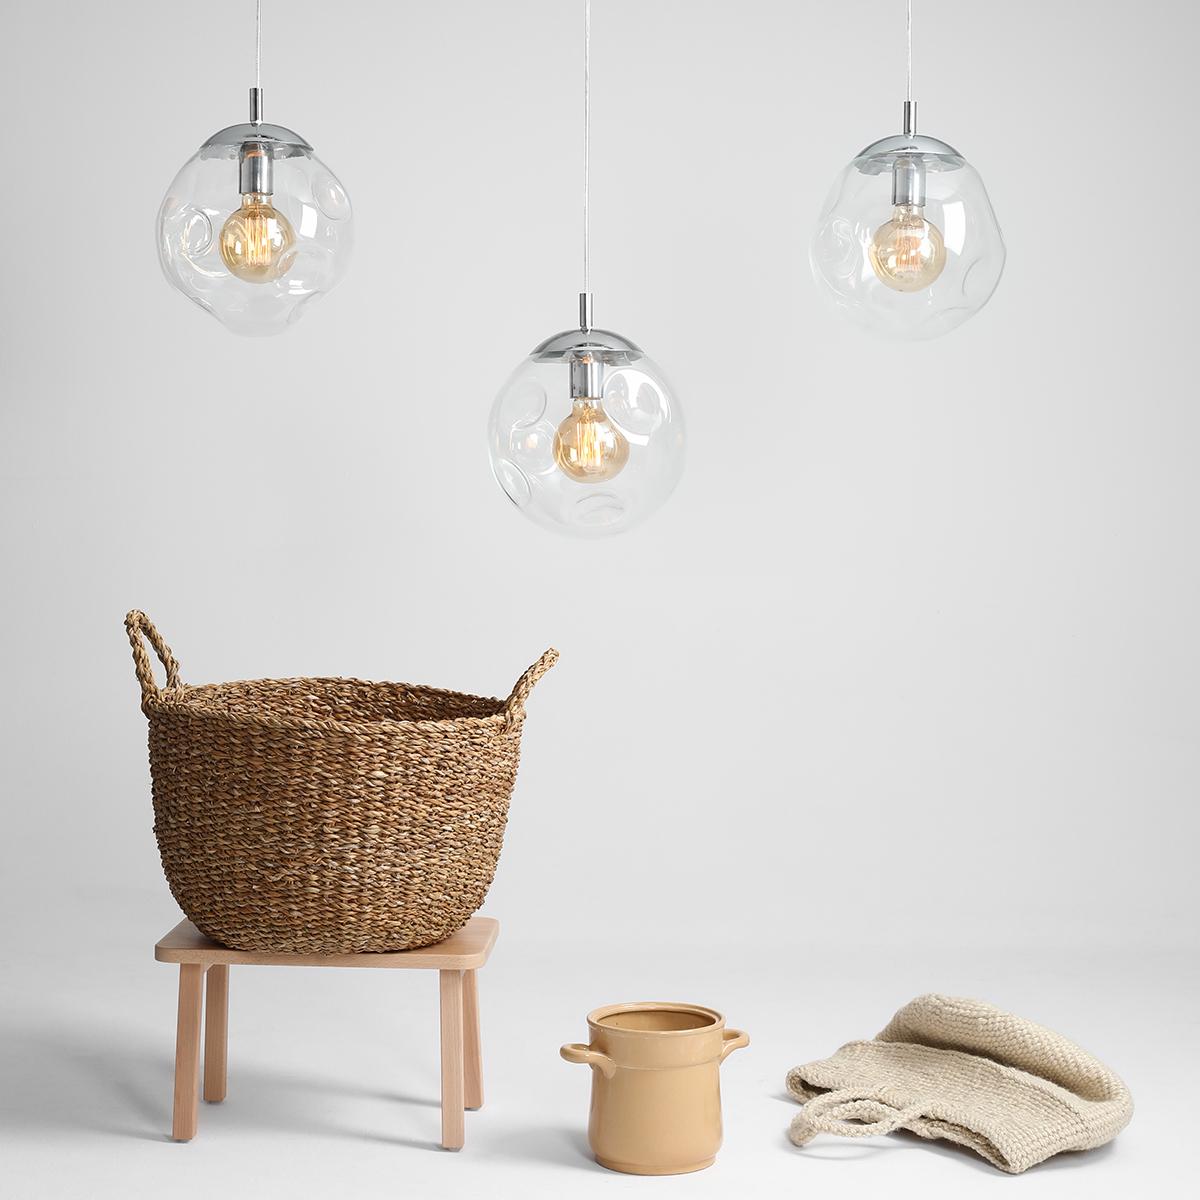 Jakie lampy wiszące nad stół w jadalni wybrać?